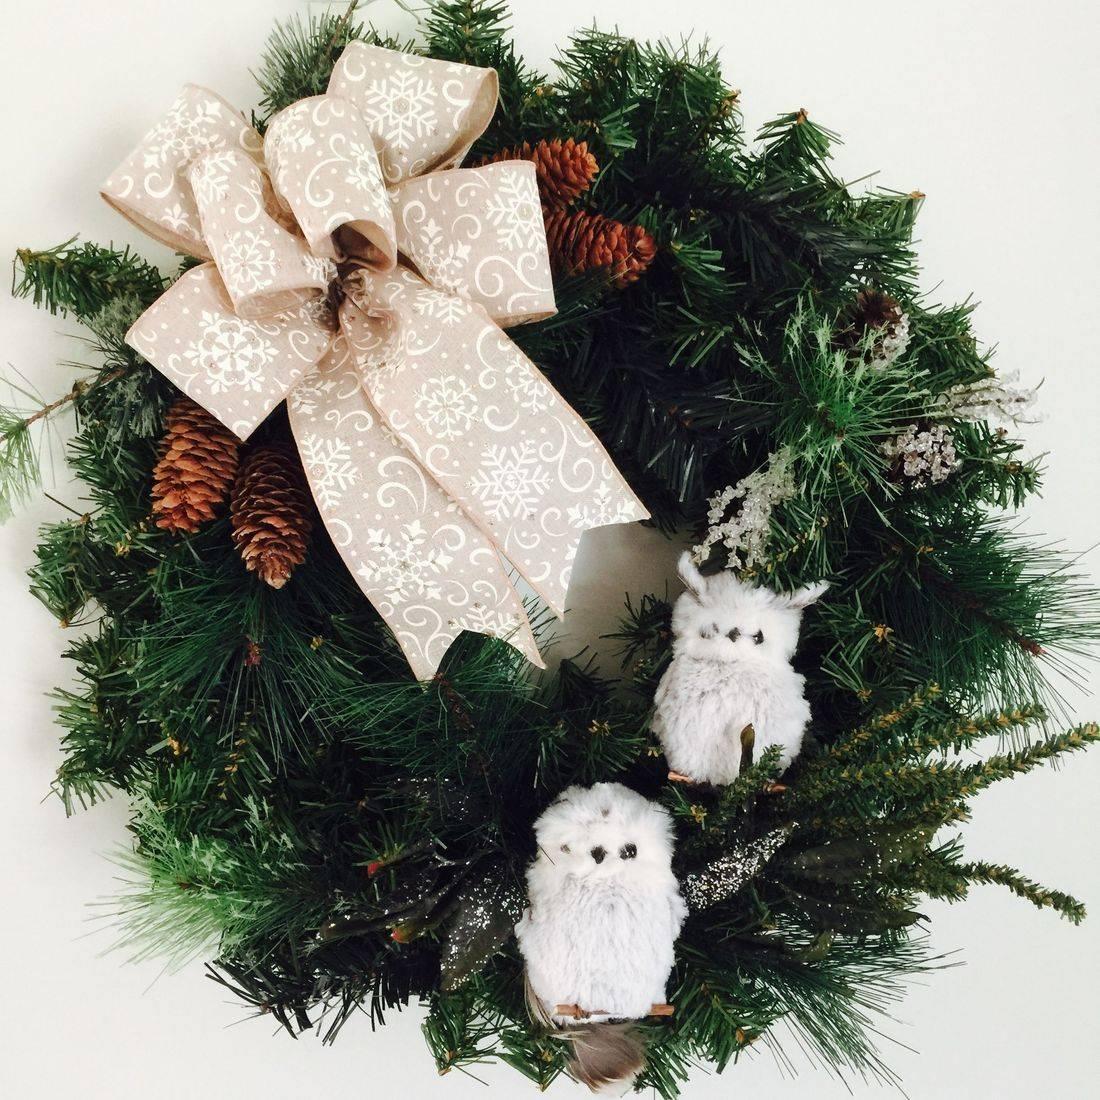 Evergreen Christmas Owl wreath